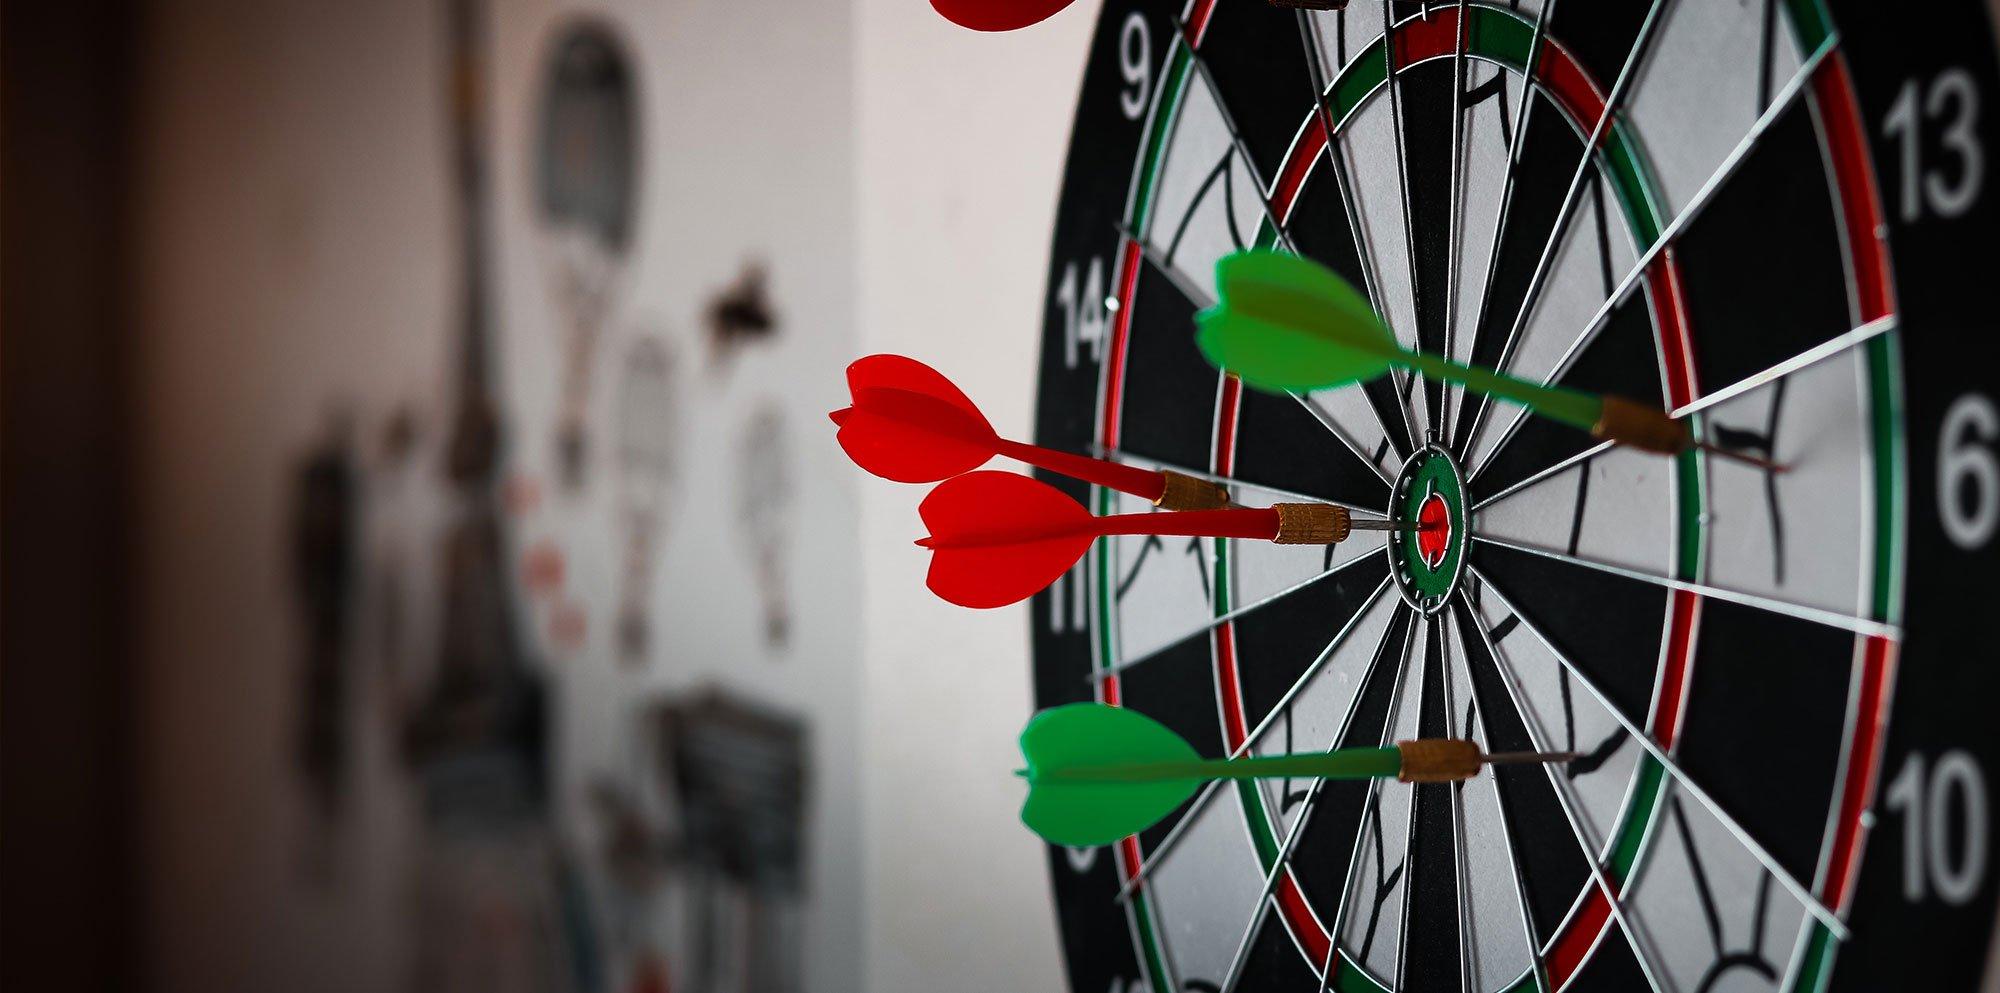 כיצד למקד ולזהות את קהל היעד המדויק של המותג שלך